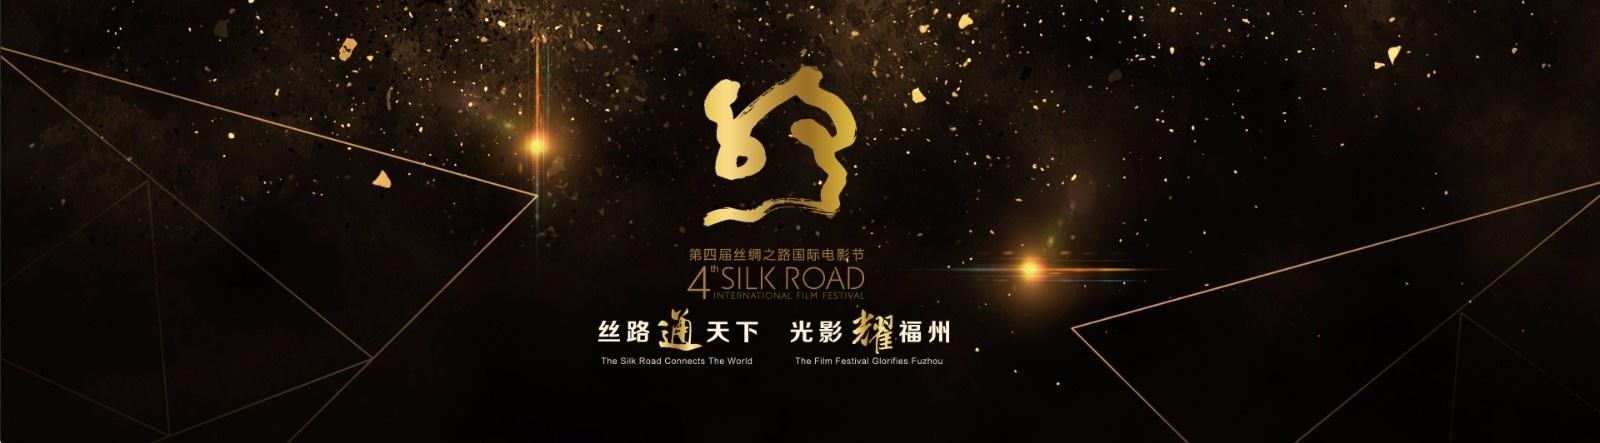 """""""北京放映""""亮相丝路电影节 让中国电影""""走出去""""图片"""